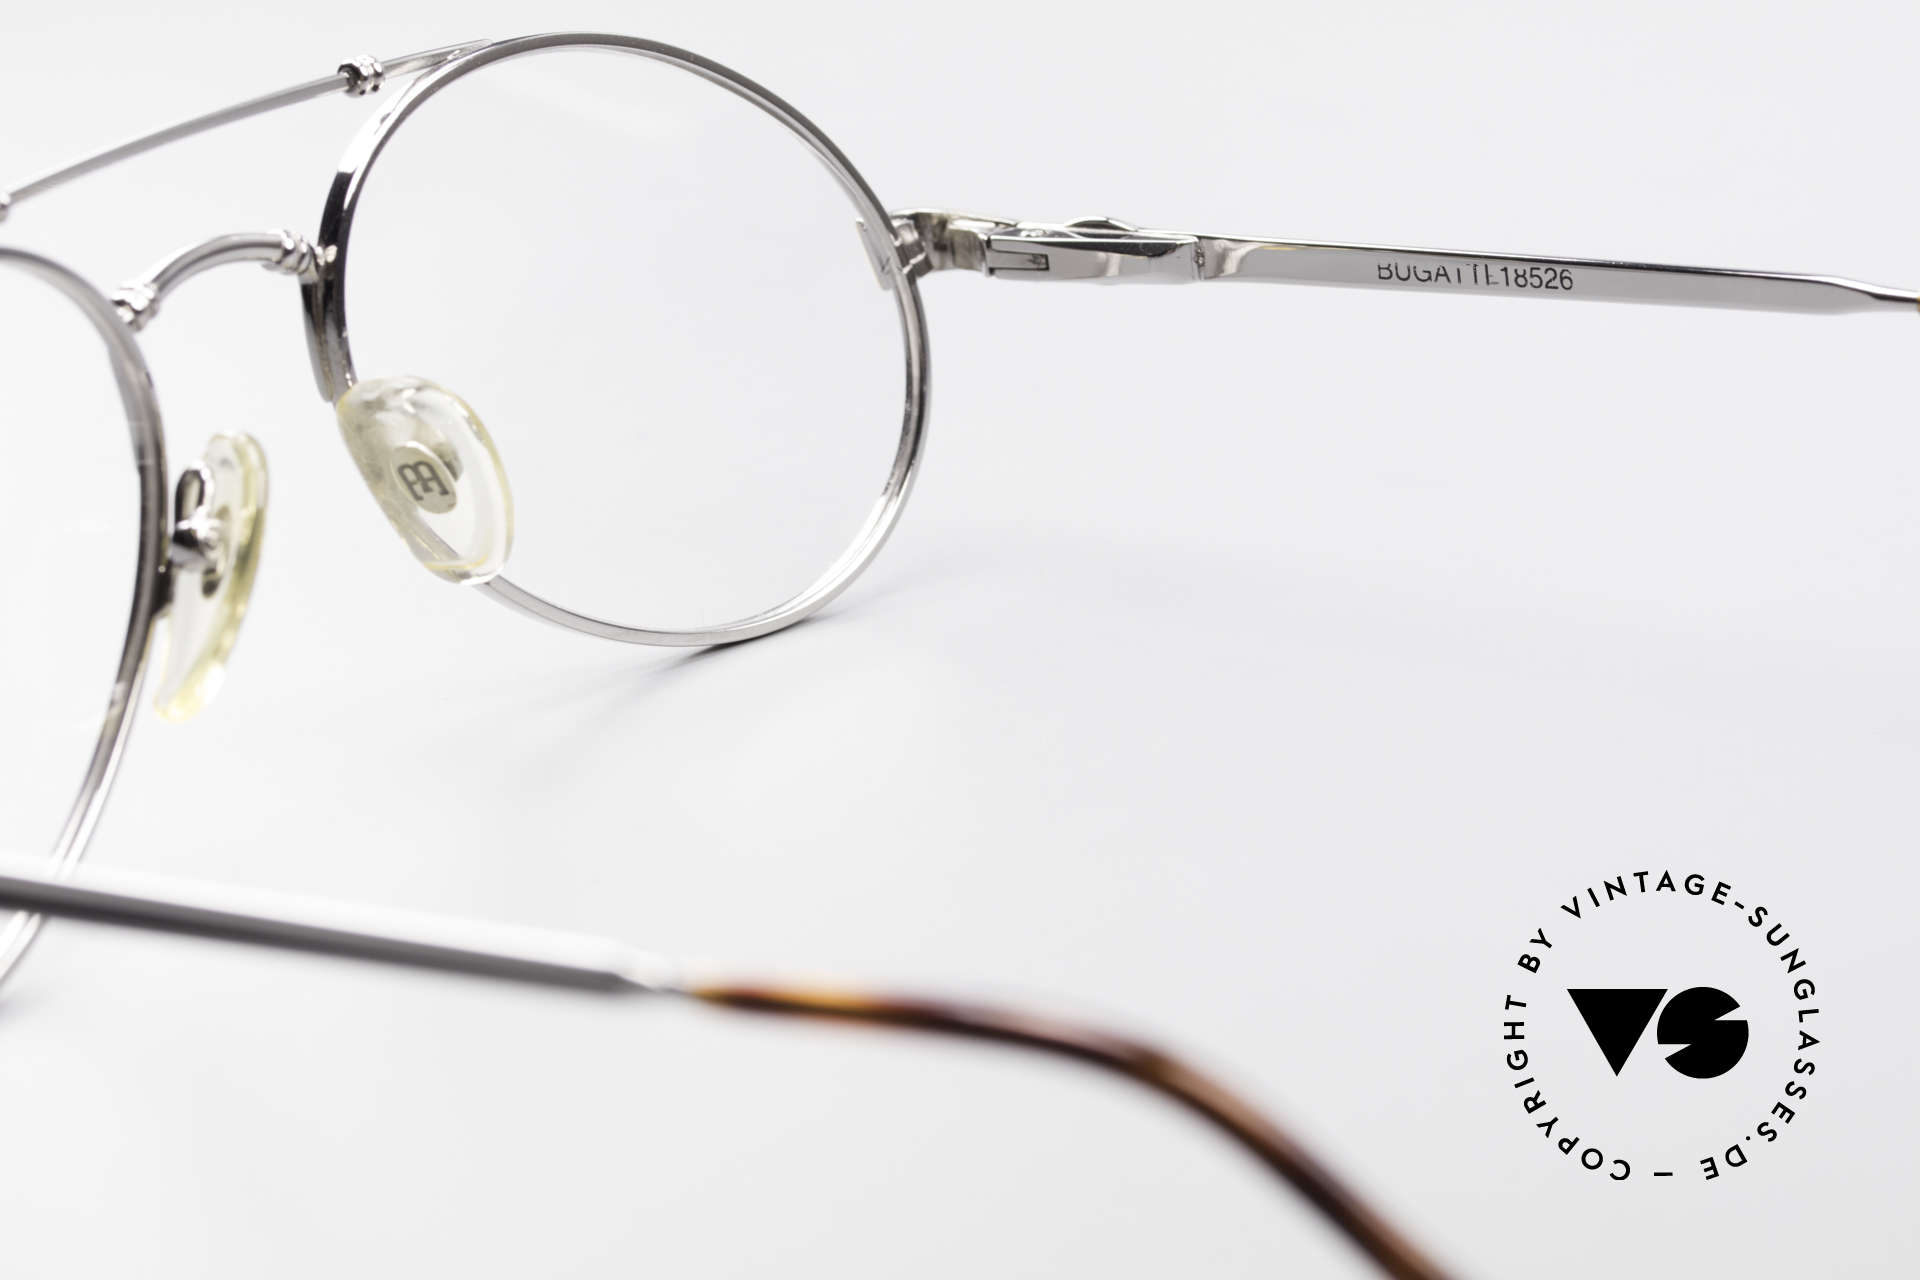 Bugatti 18526 80er Herren Vintage Brille, ungetragen (wie alle unsere 1980er vintage Brillen), Passend für Herren